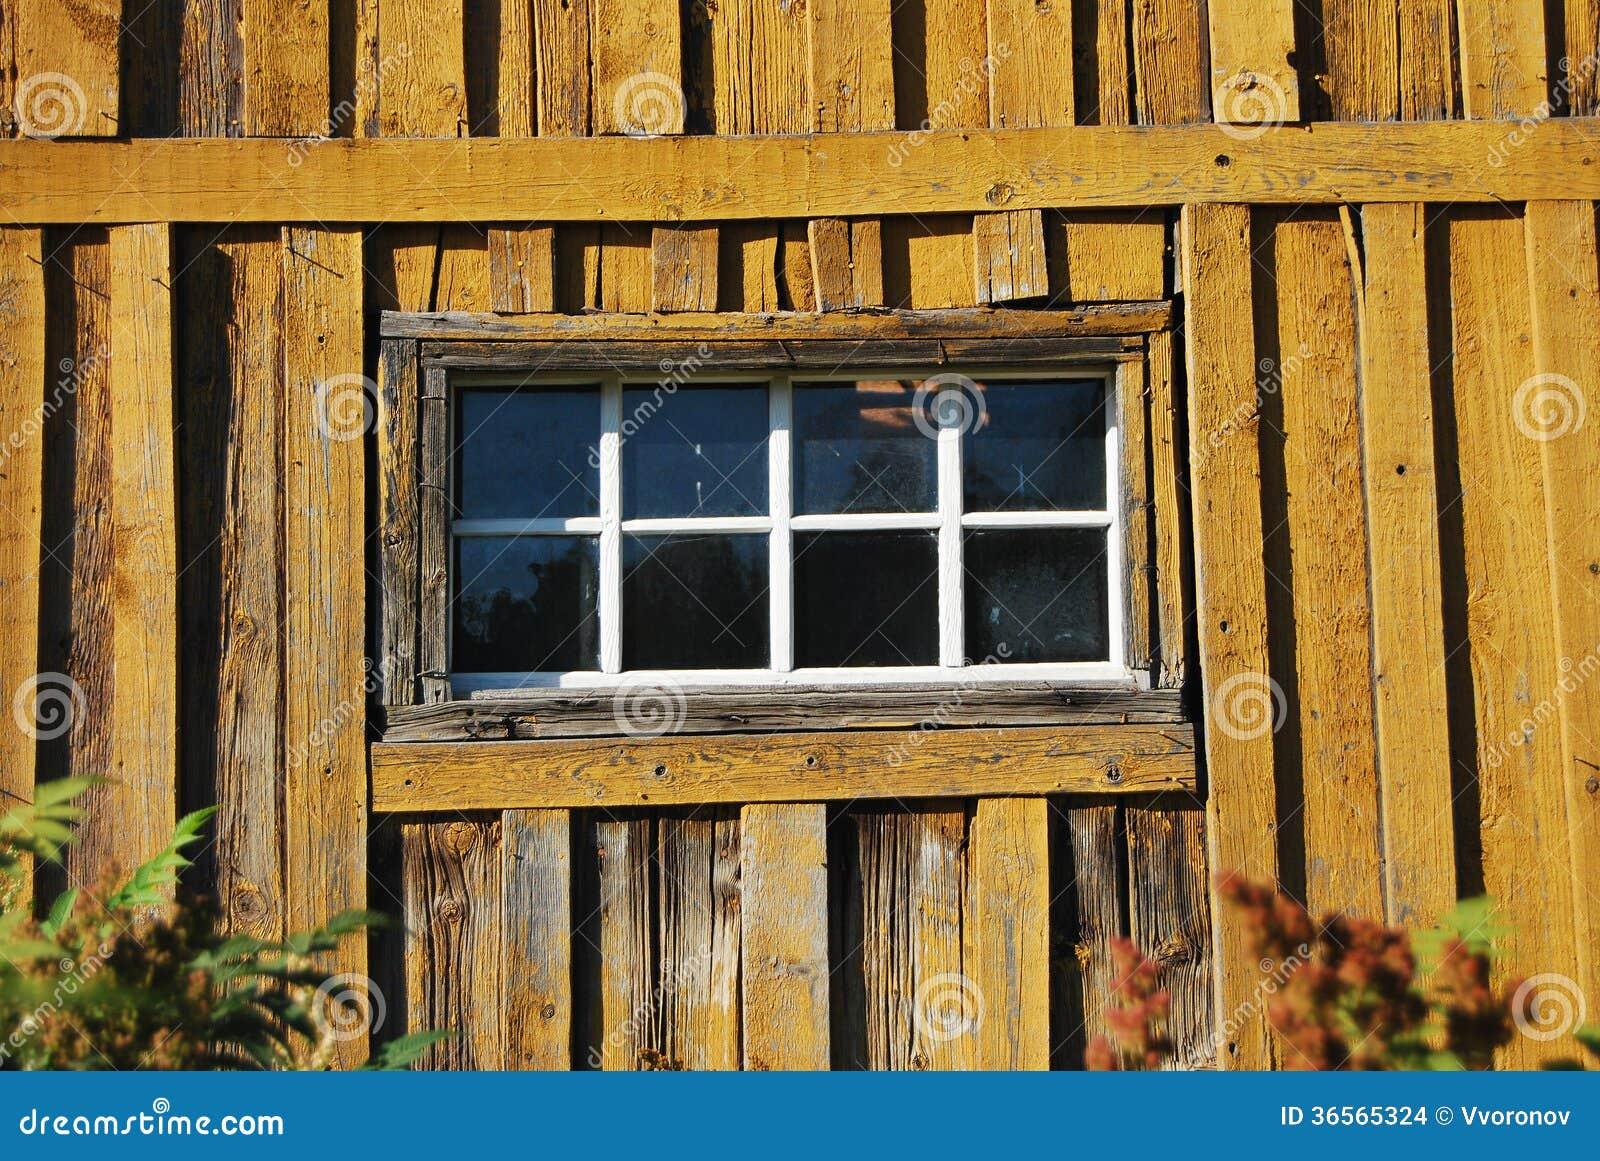 Как сделать окна в сарае